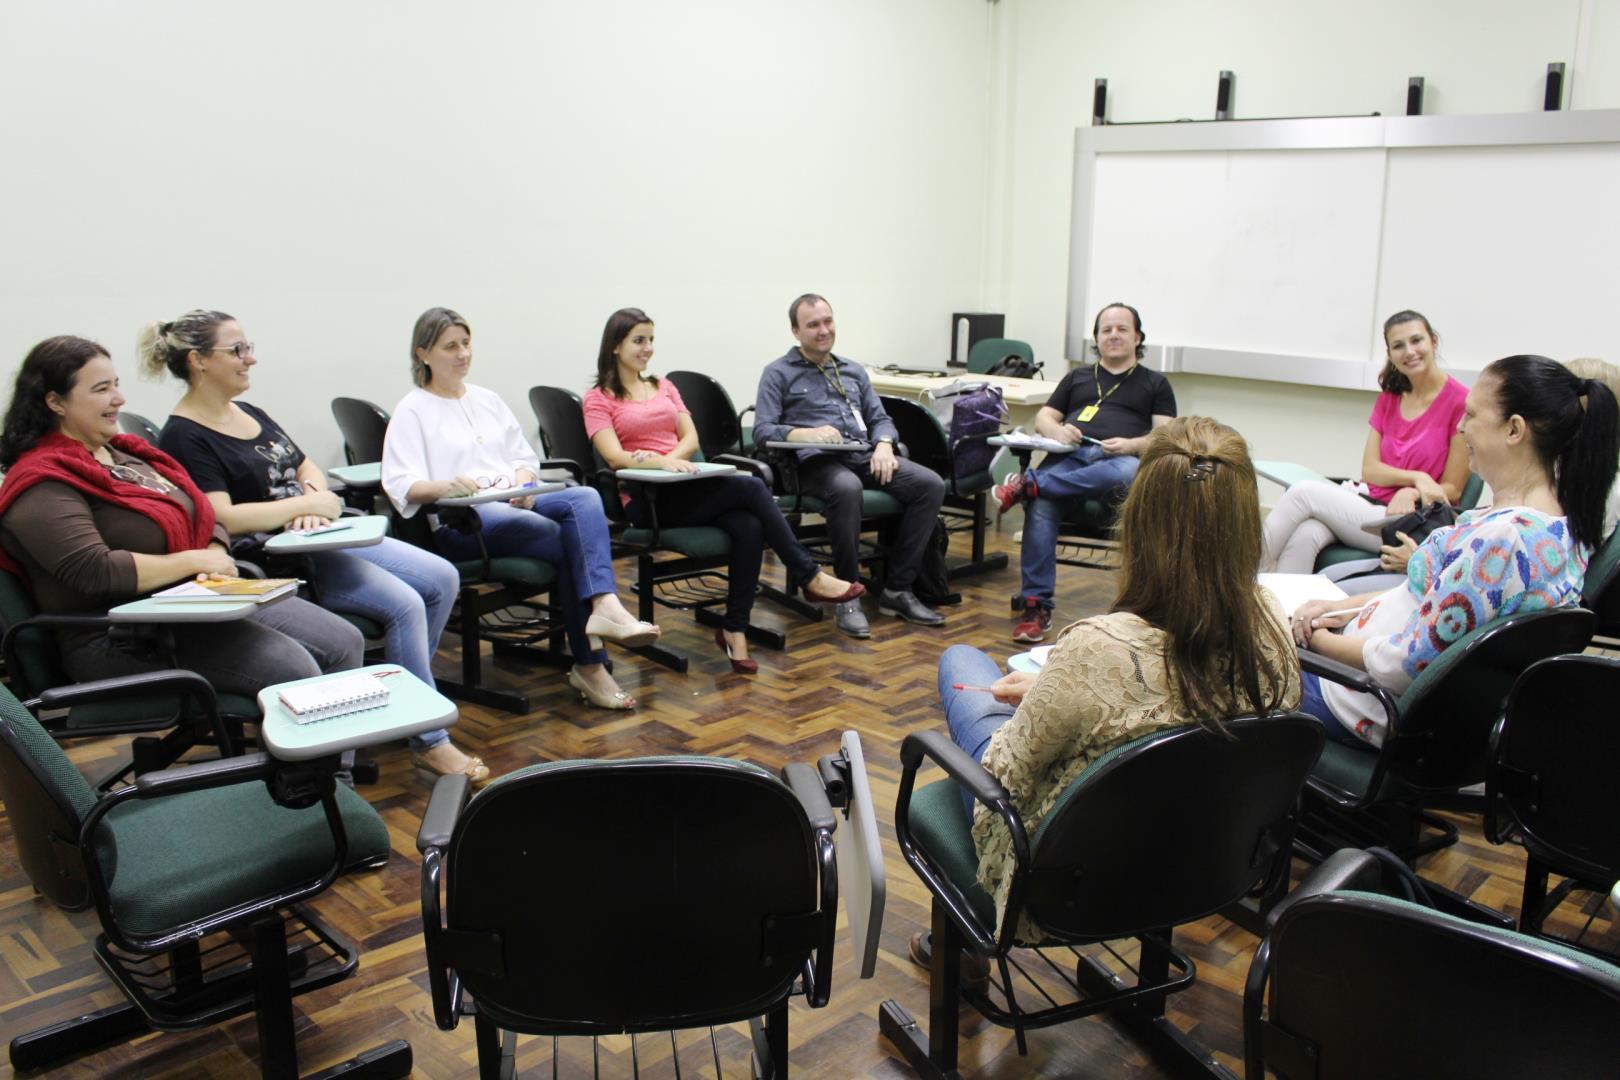 Grupo que discute ações sobre direitos humanos e educação reúne-se na Faculdade IENH